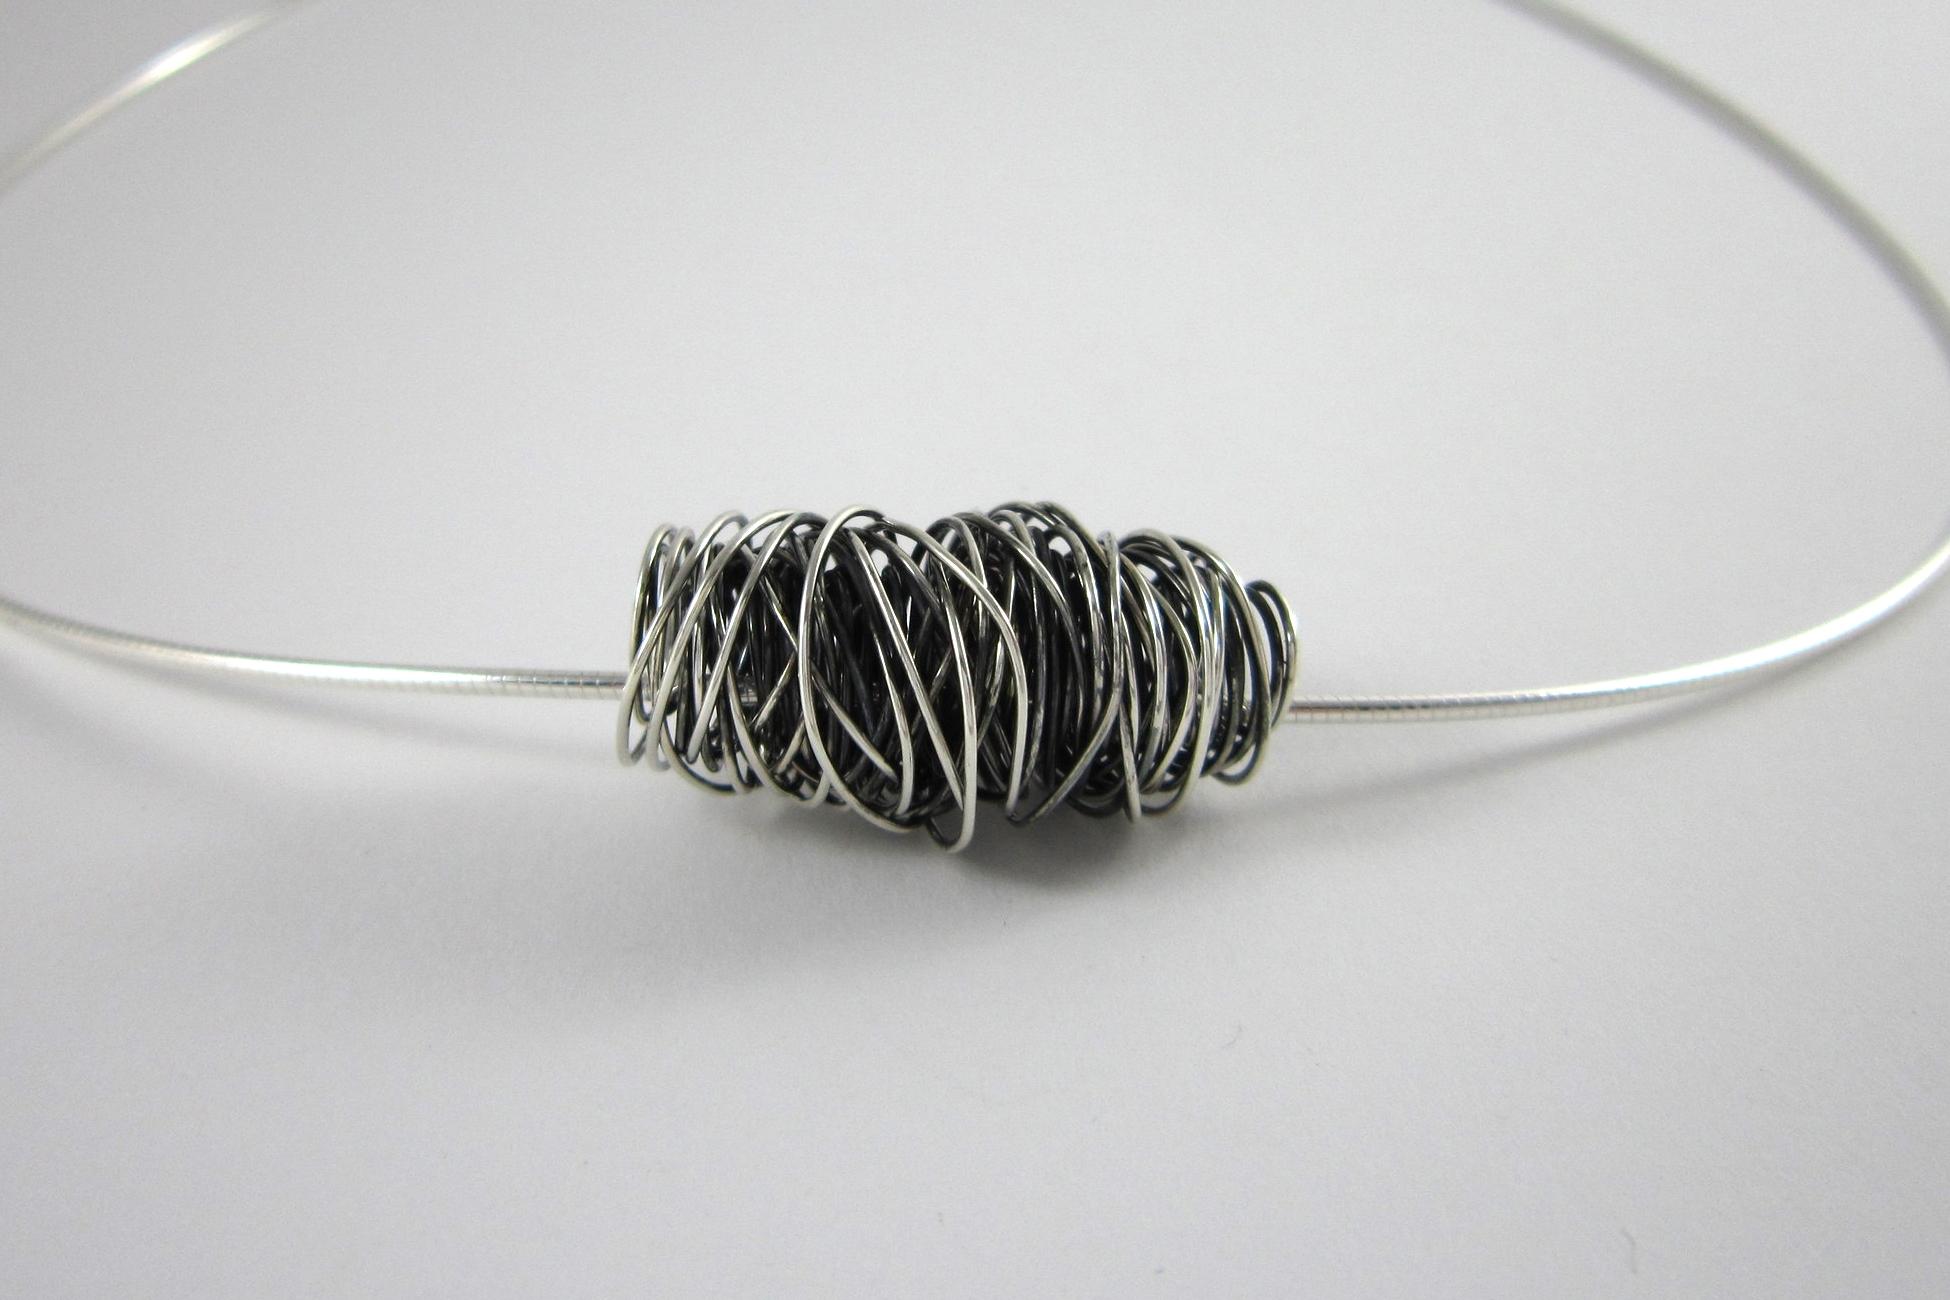 Zilveren hanger, gewikkeld.